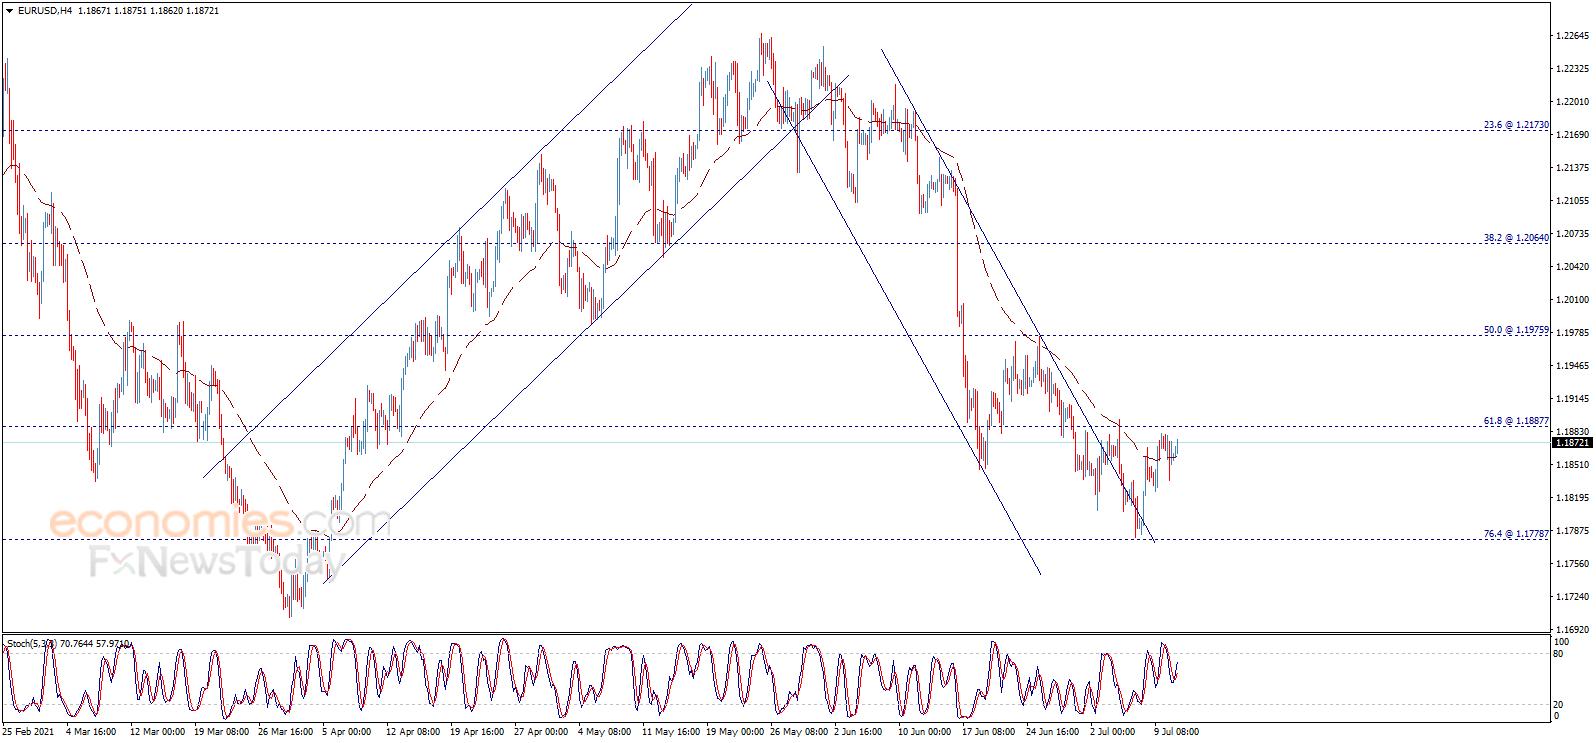 全球市场严阵以待!美国CPI恐掀起大行情 欧元、英镑、日元和澳元最新交易分析